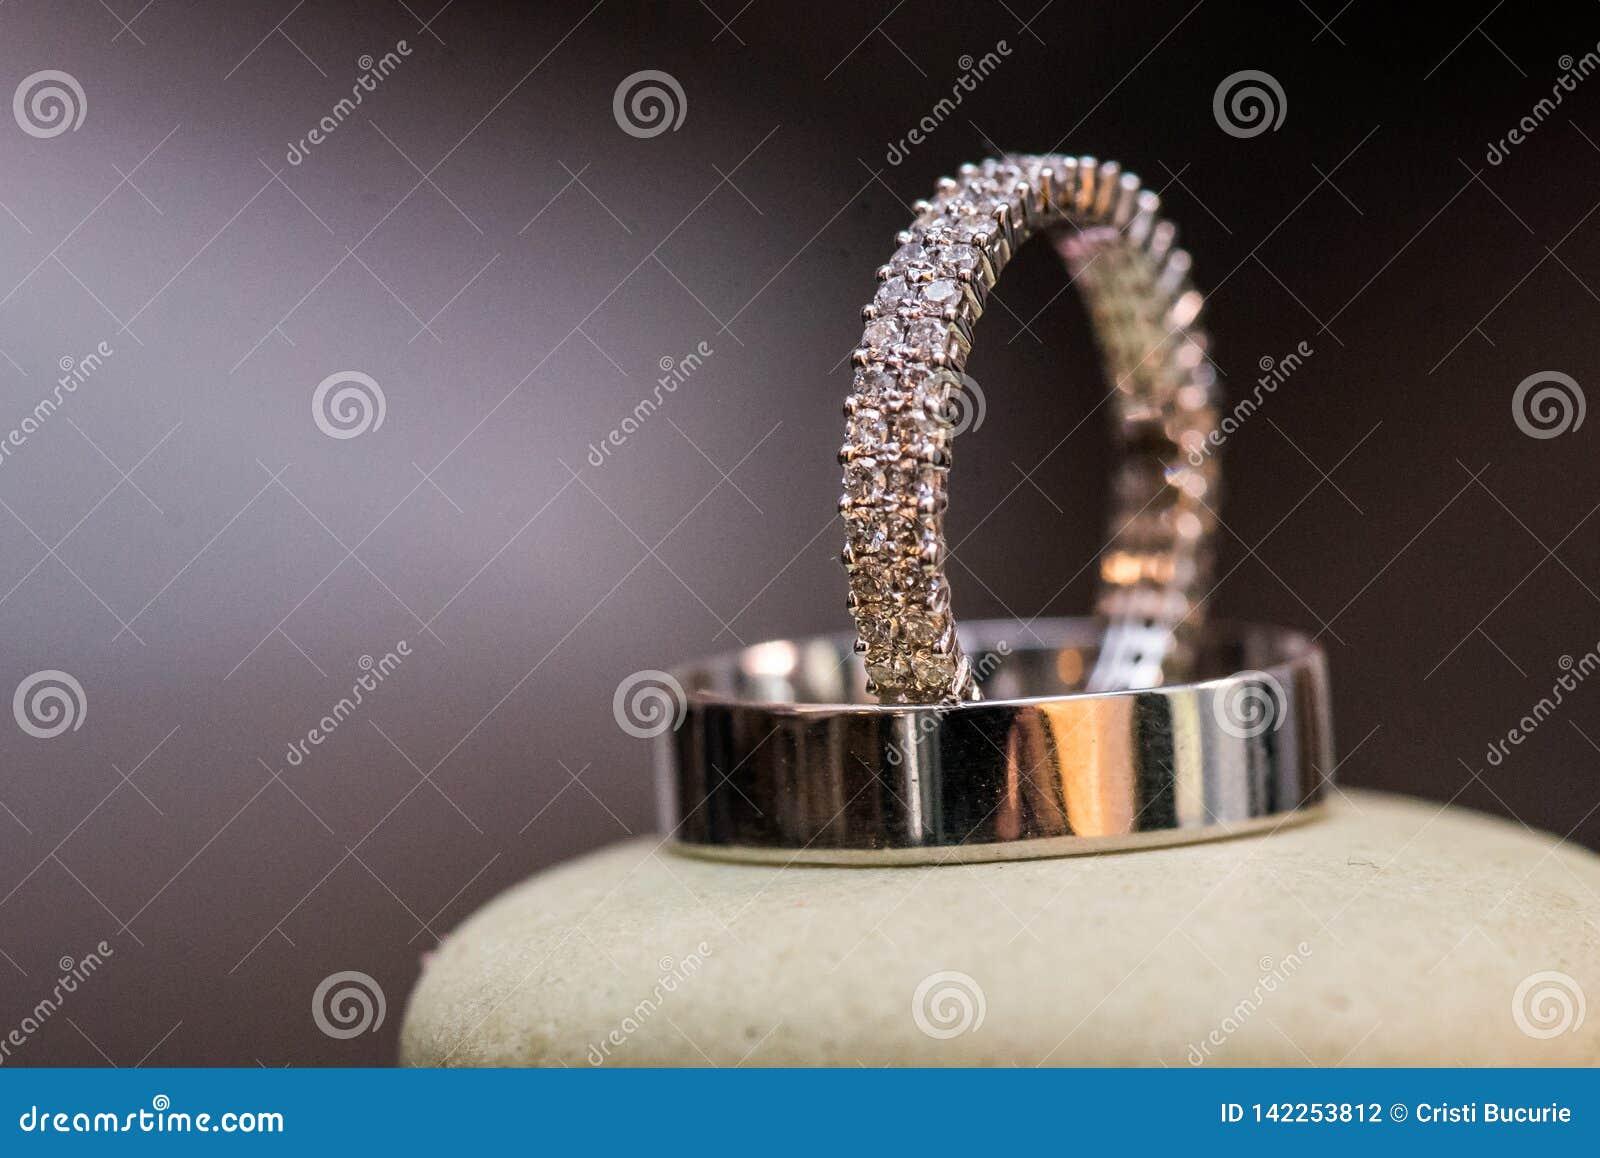 Diamond Wedding Rings Verhältnis, Verpflichtung, Liebe